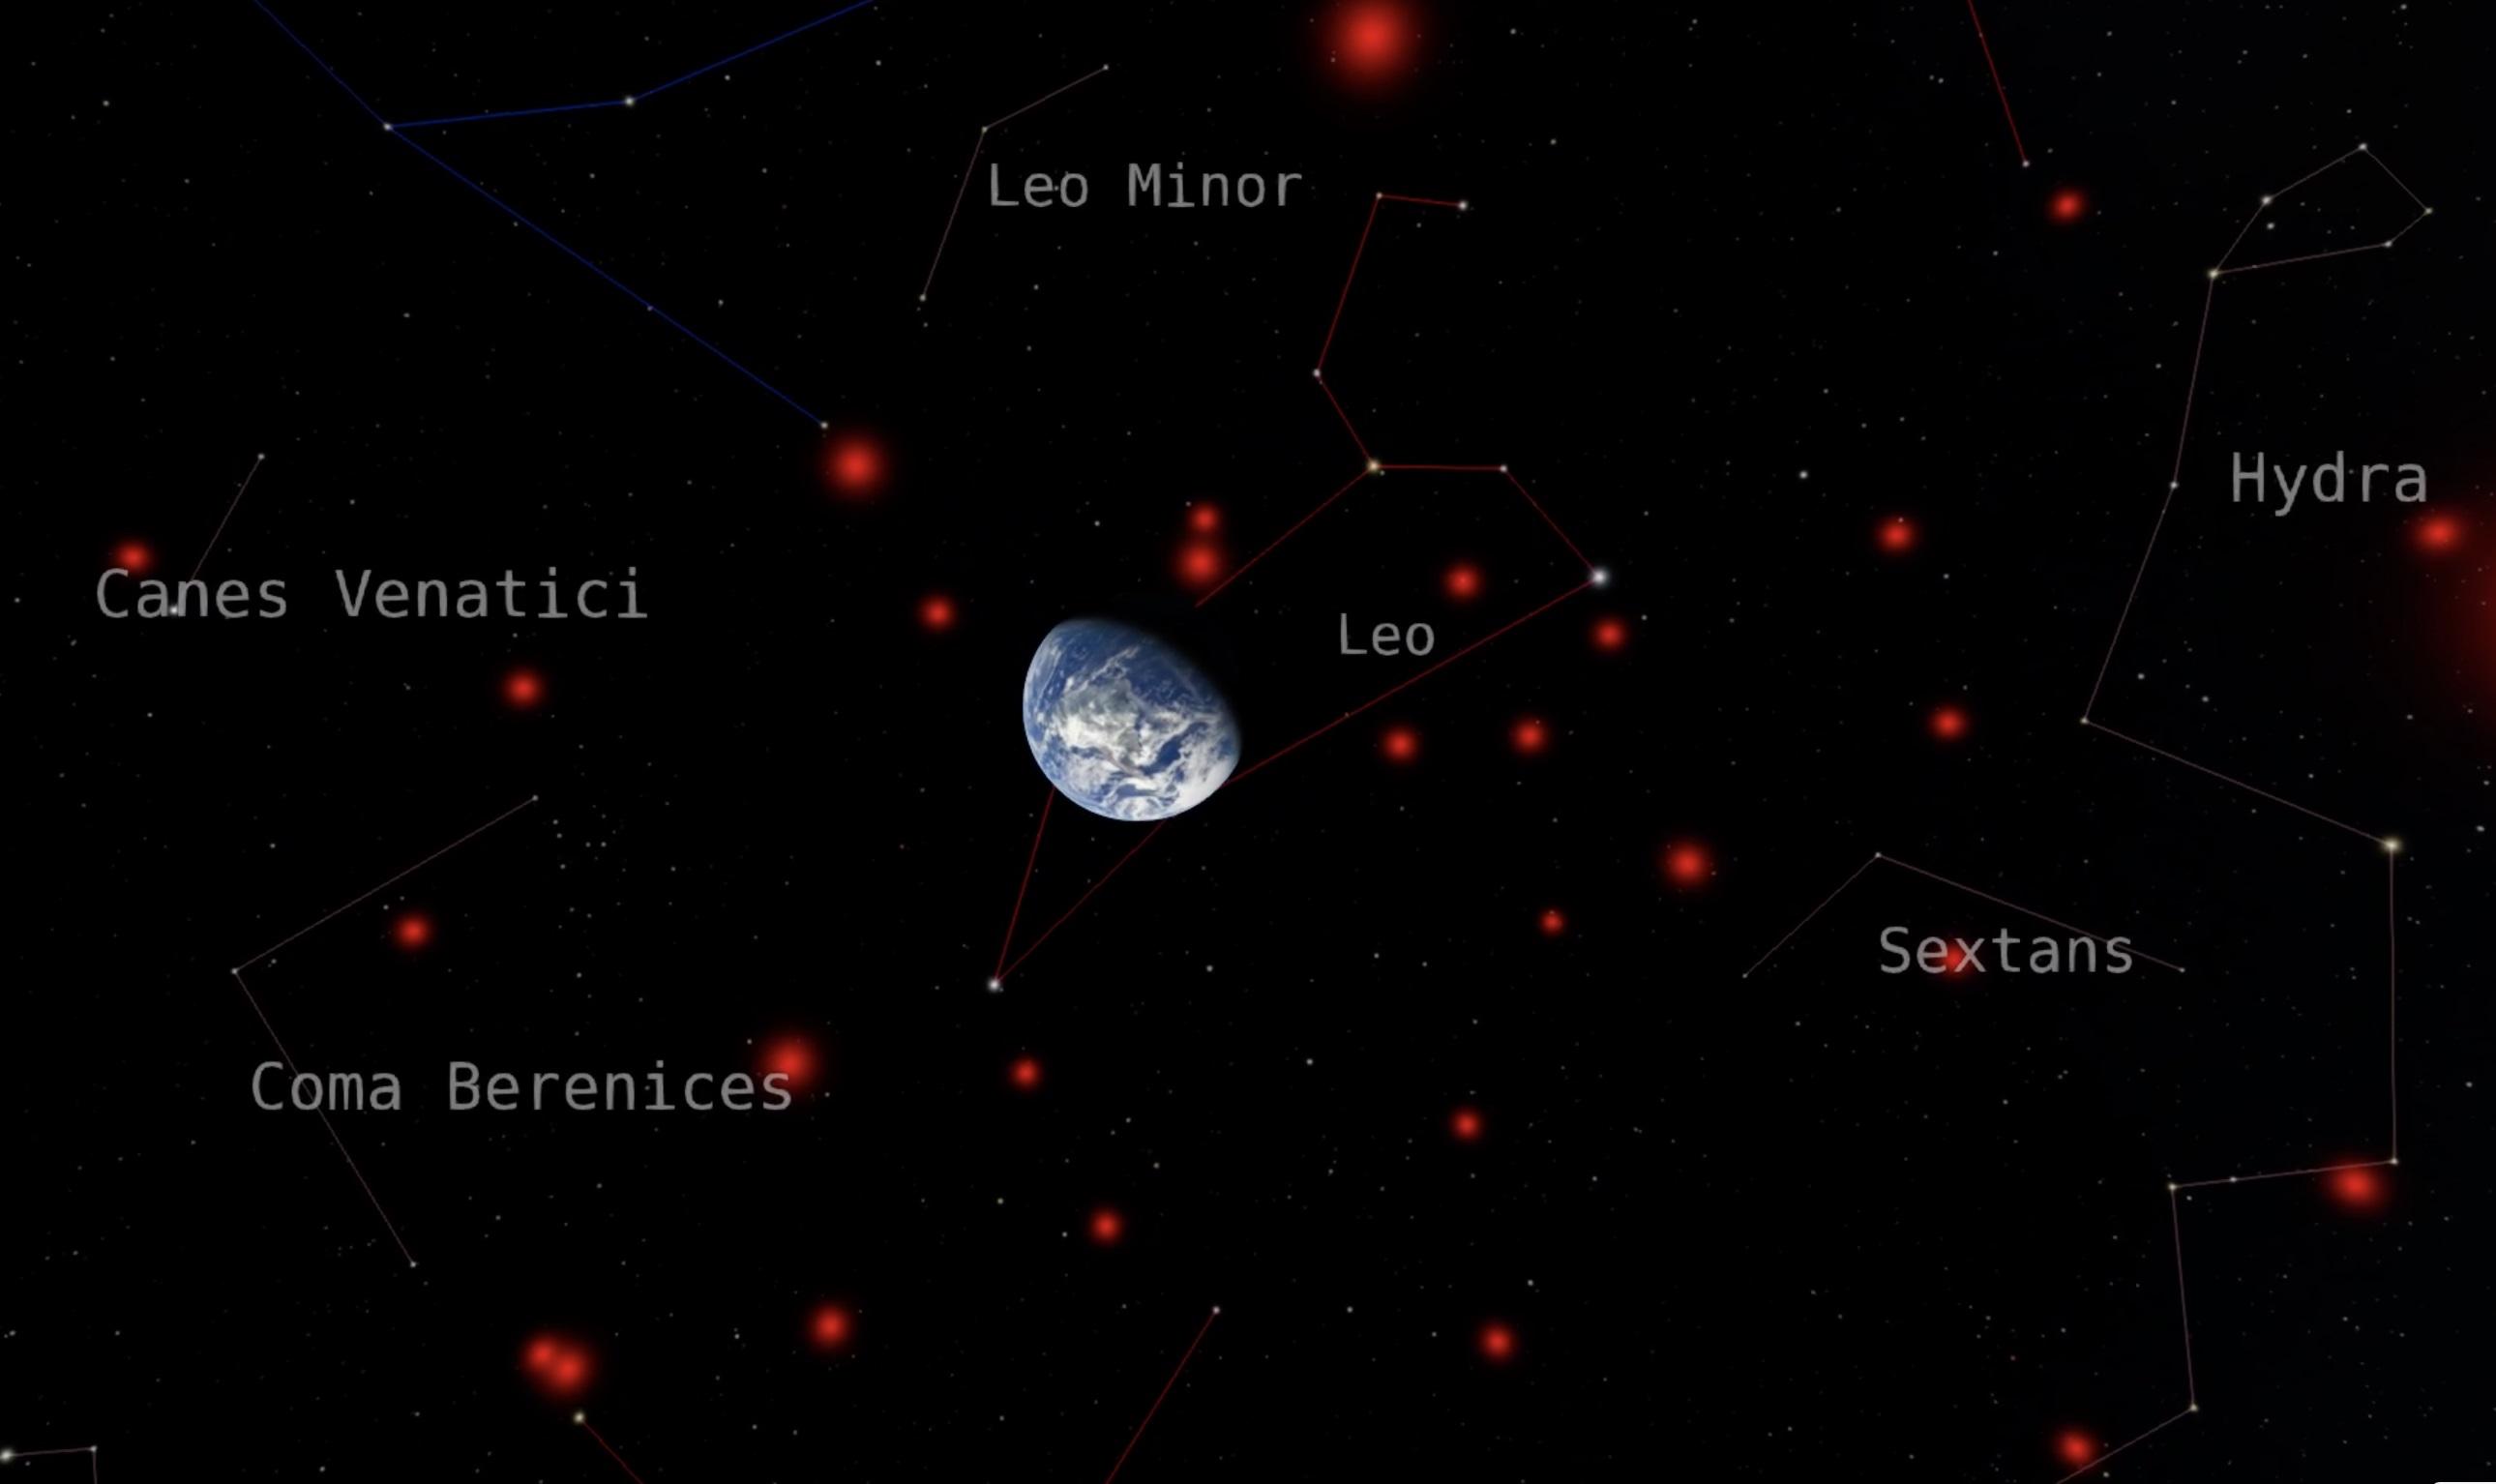 Des scientifiques citoyens et des astronomes professionnels ont collaboré pour trouver des naines brunes dans le voisinage de notre système solaire.  Cette image montre la Terre entourée des naines brunes les plus proches, montrées en rouge, sur fond de constellations environnantes.